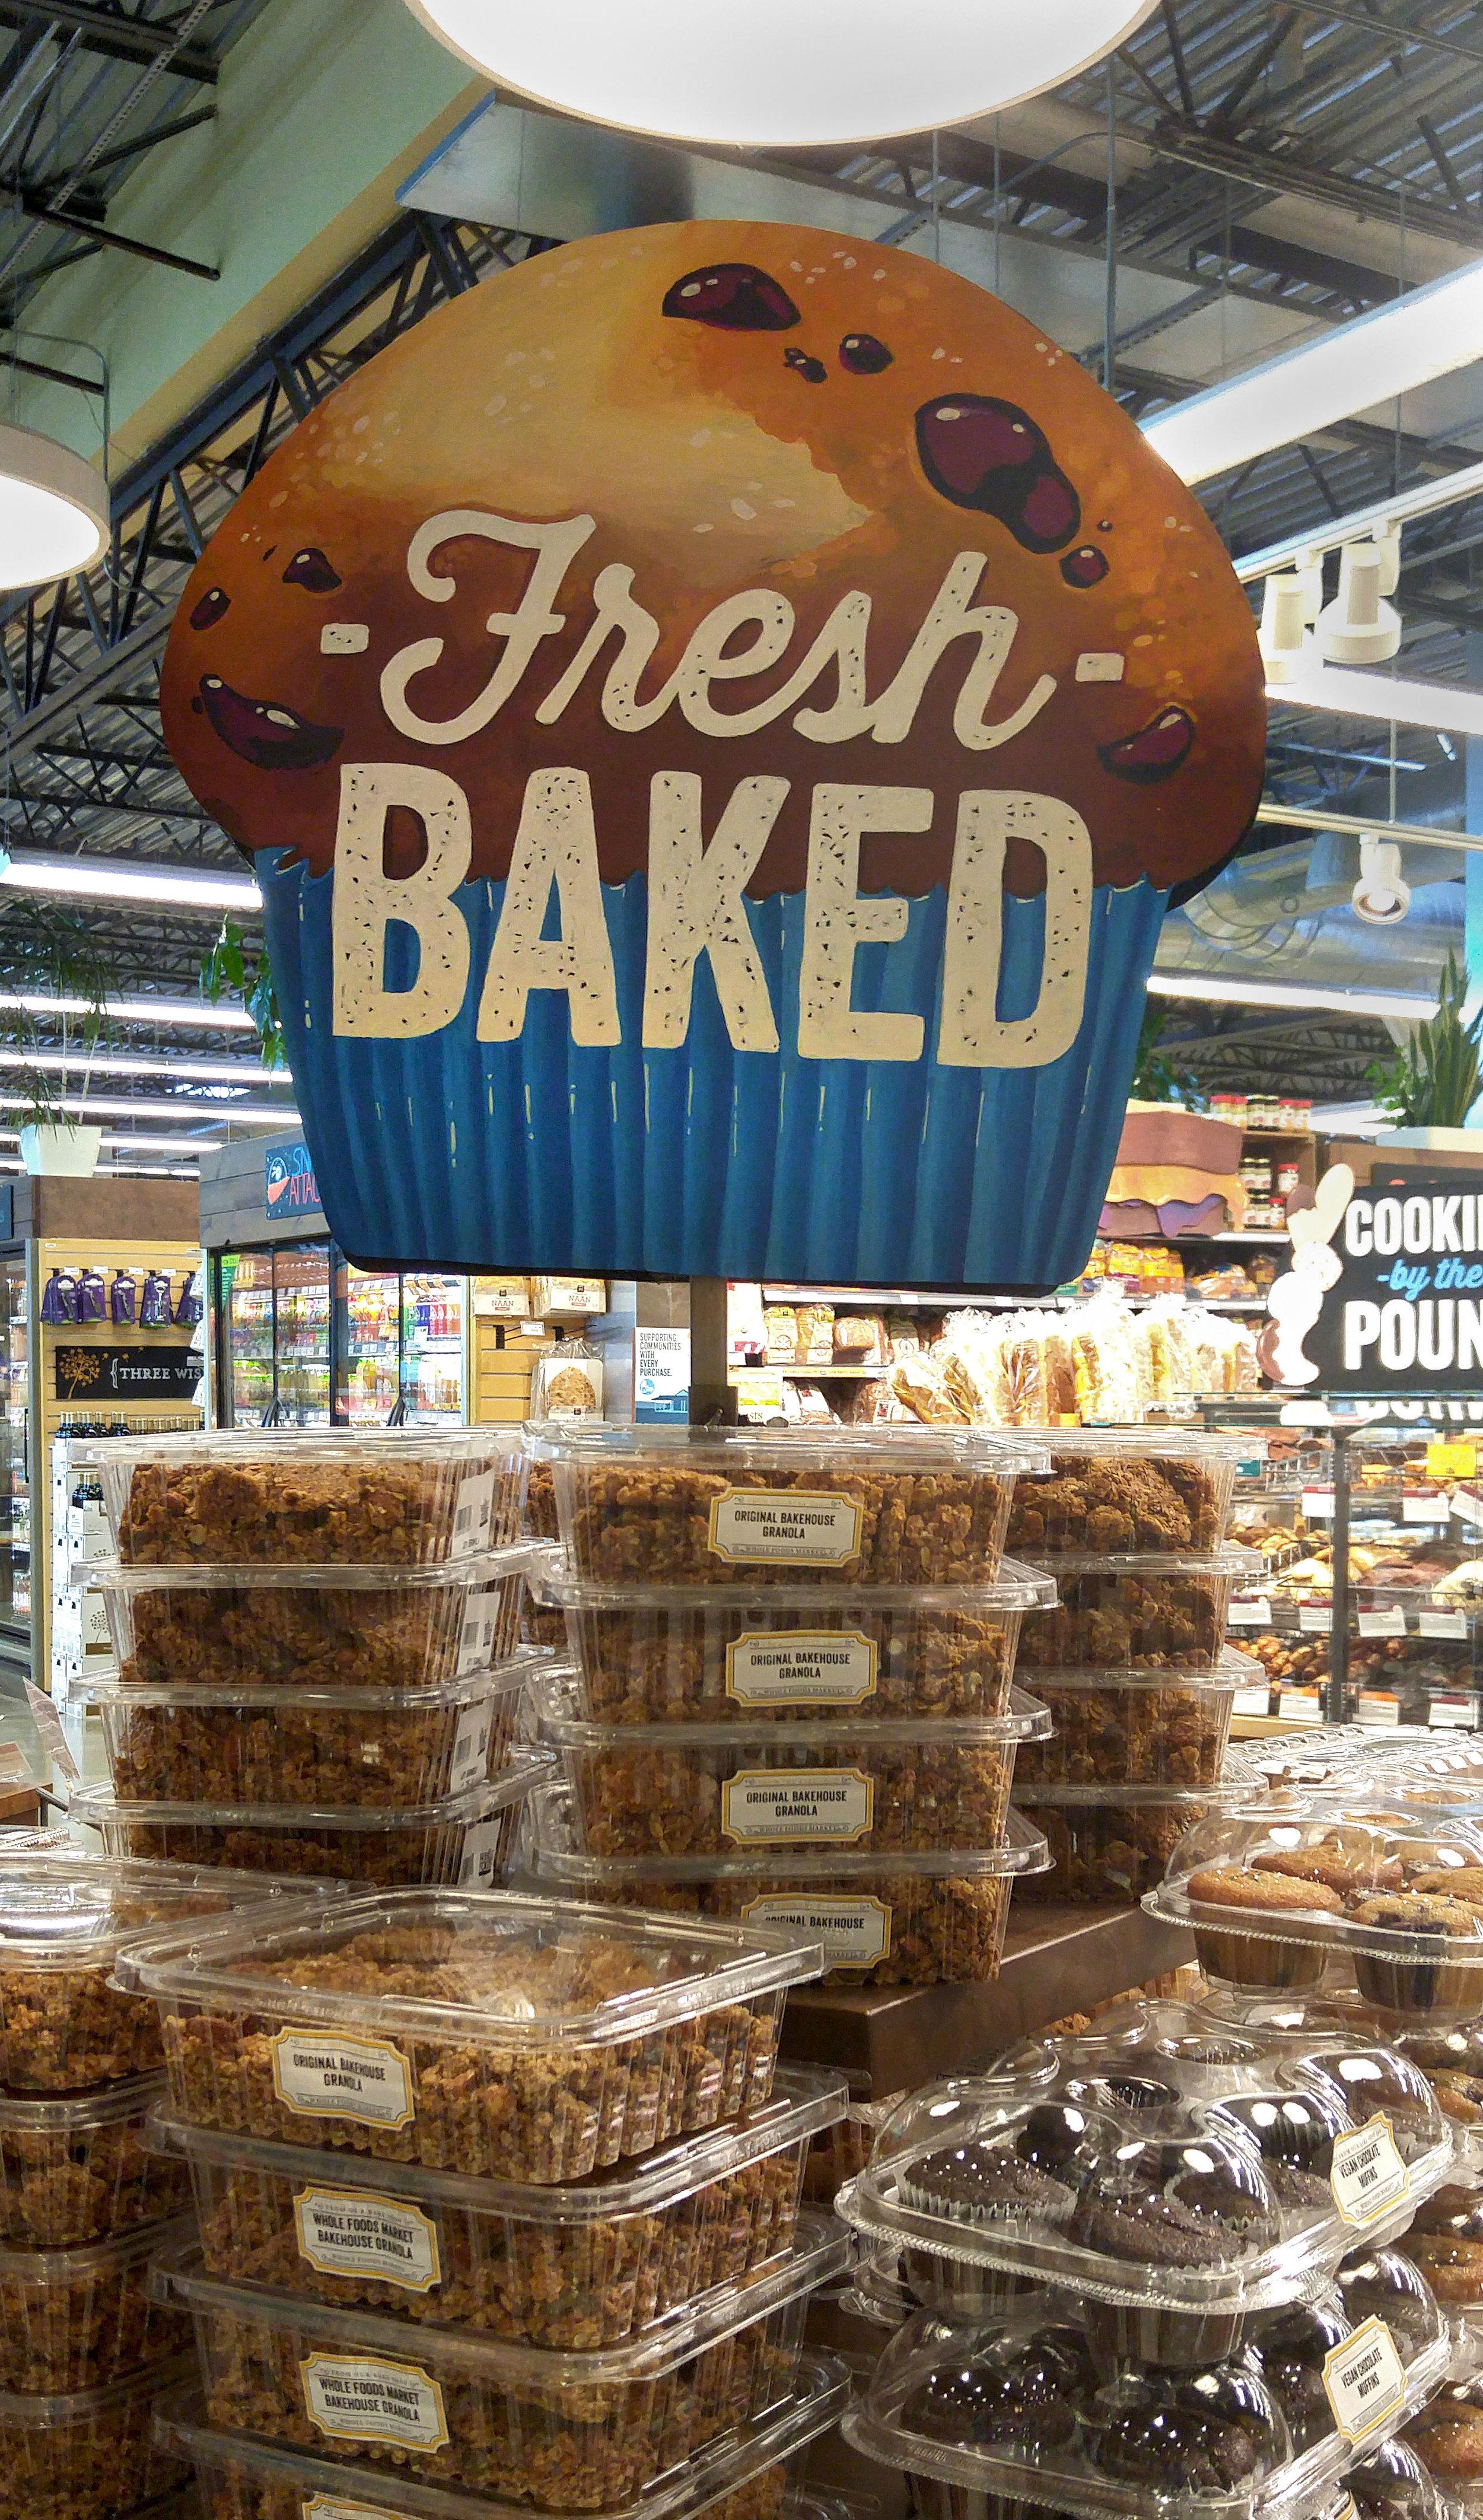 Fresh Baked - Illustrated Product Signage